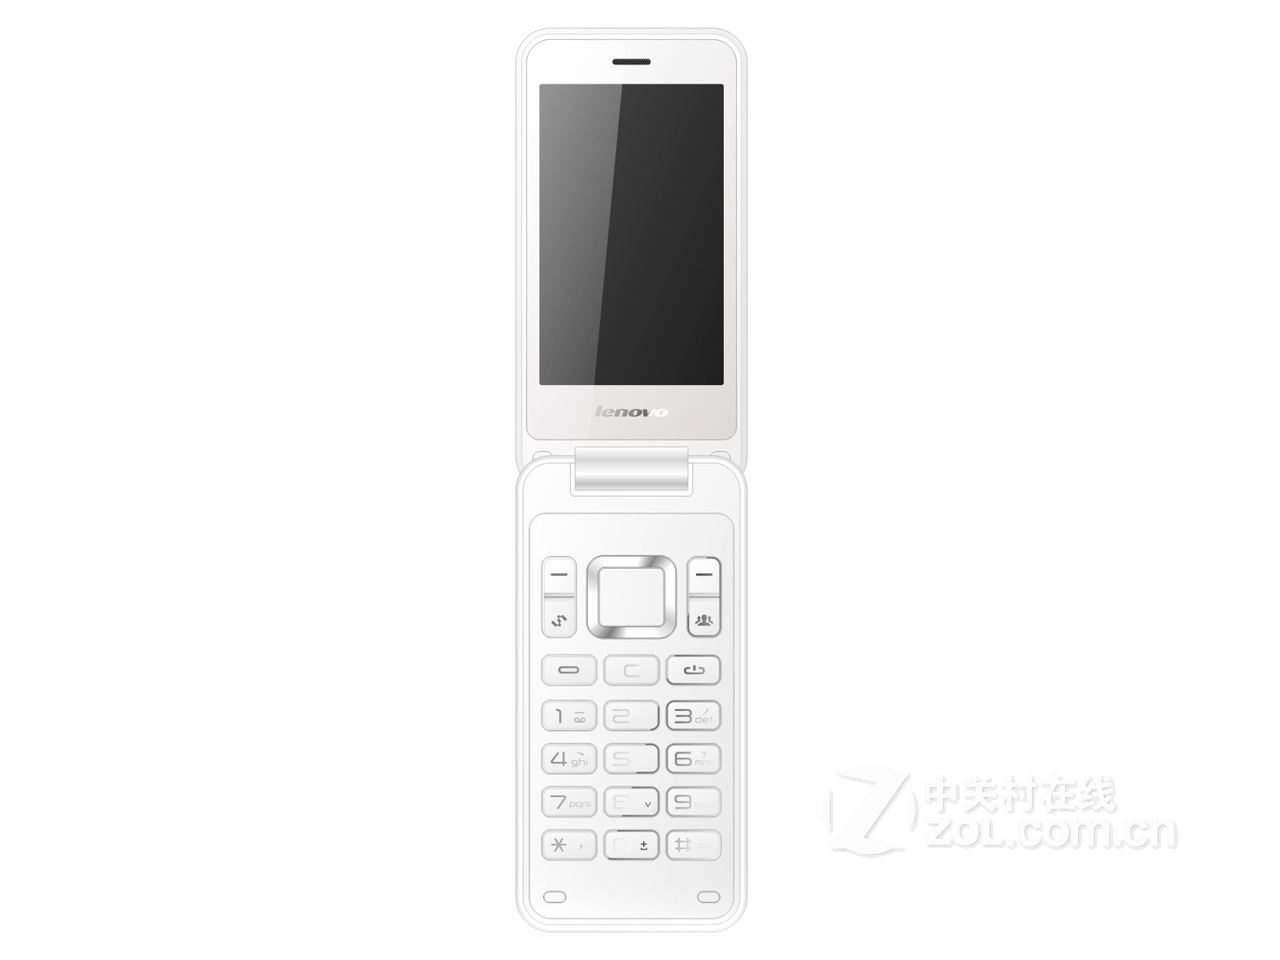 可爱时尚翻盖手机 联想s630西安新到货